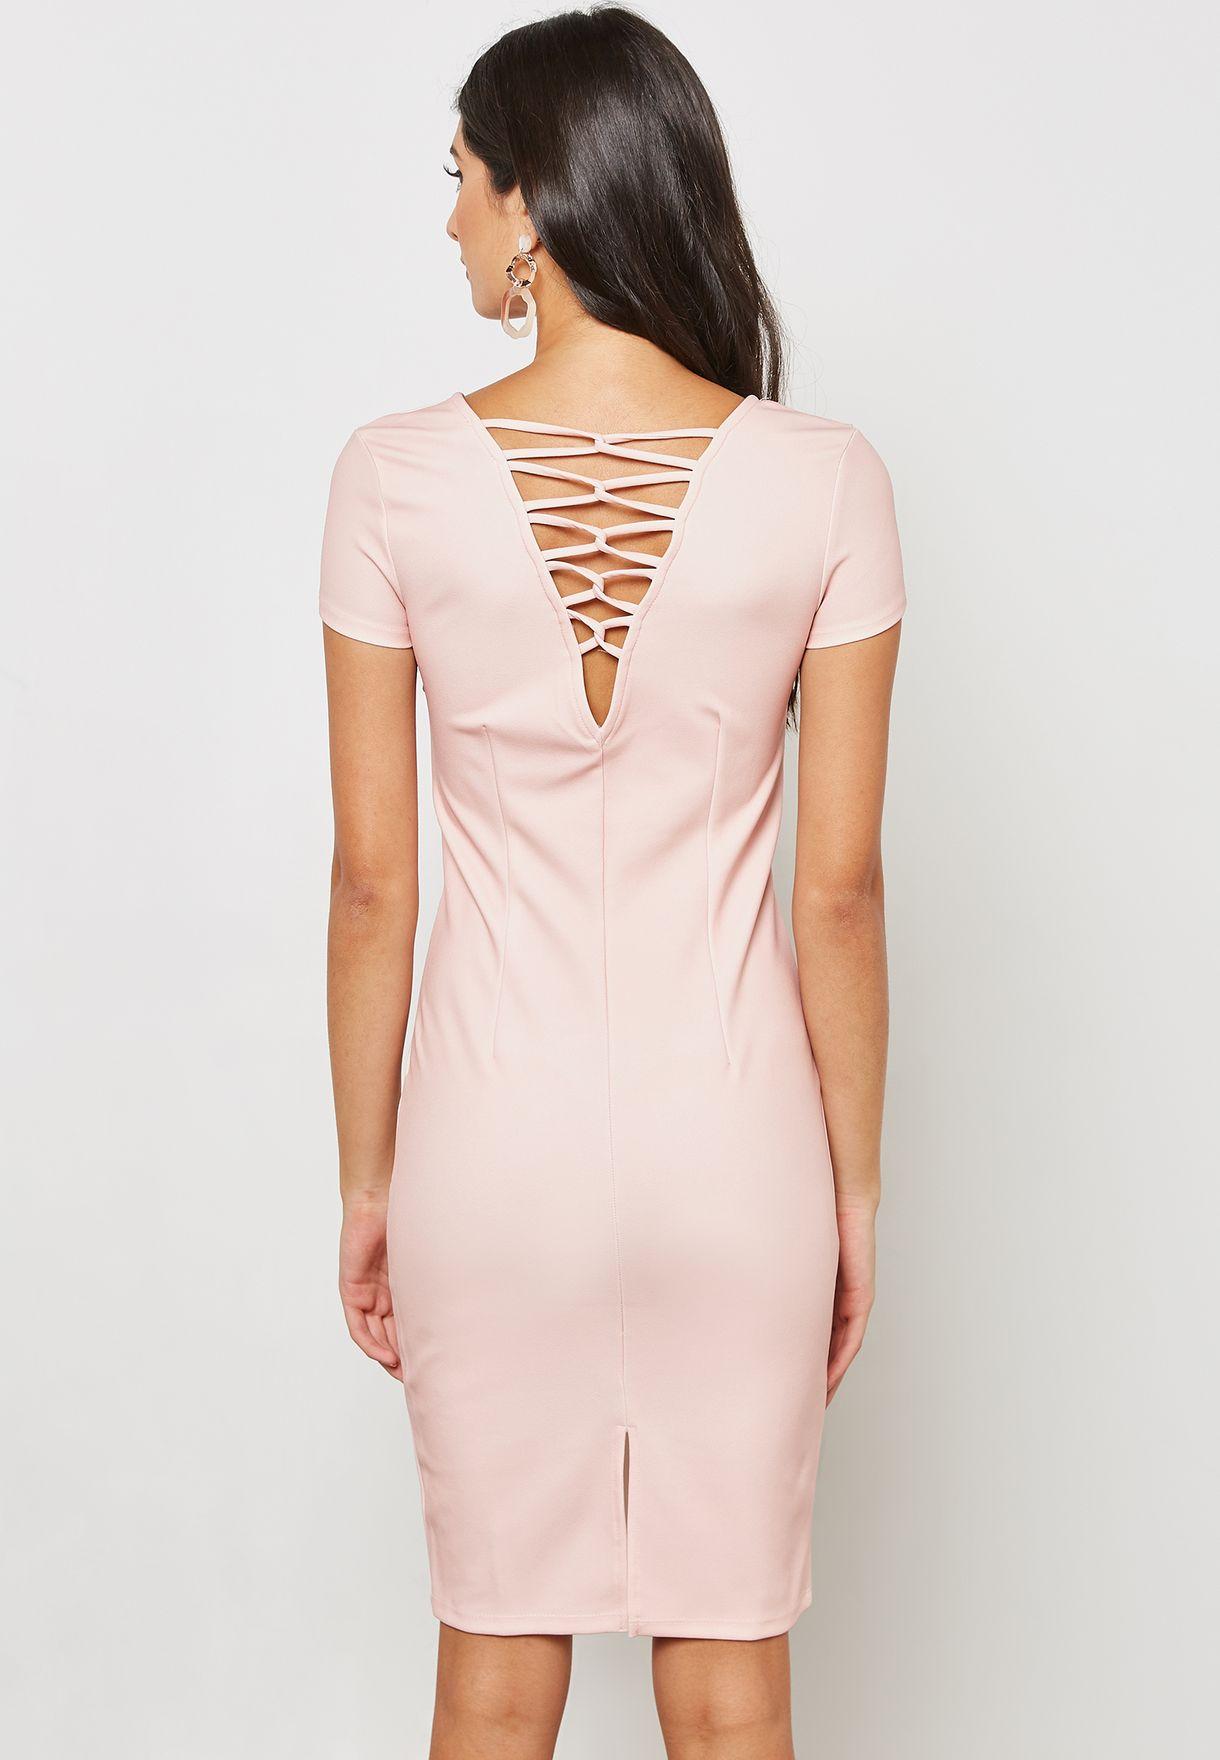 فستان بأجزاء متقاطعة في الخلف